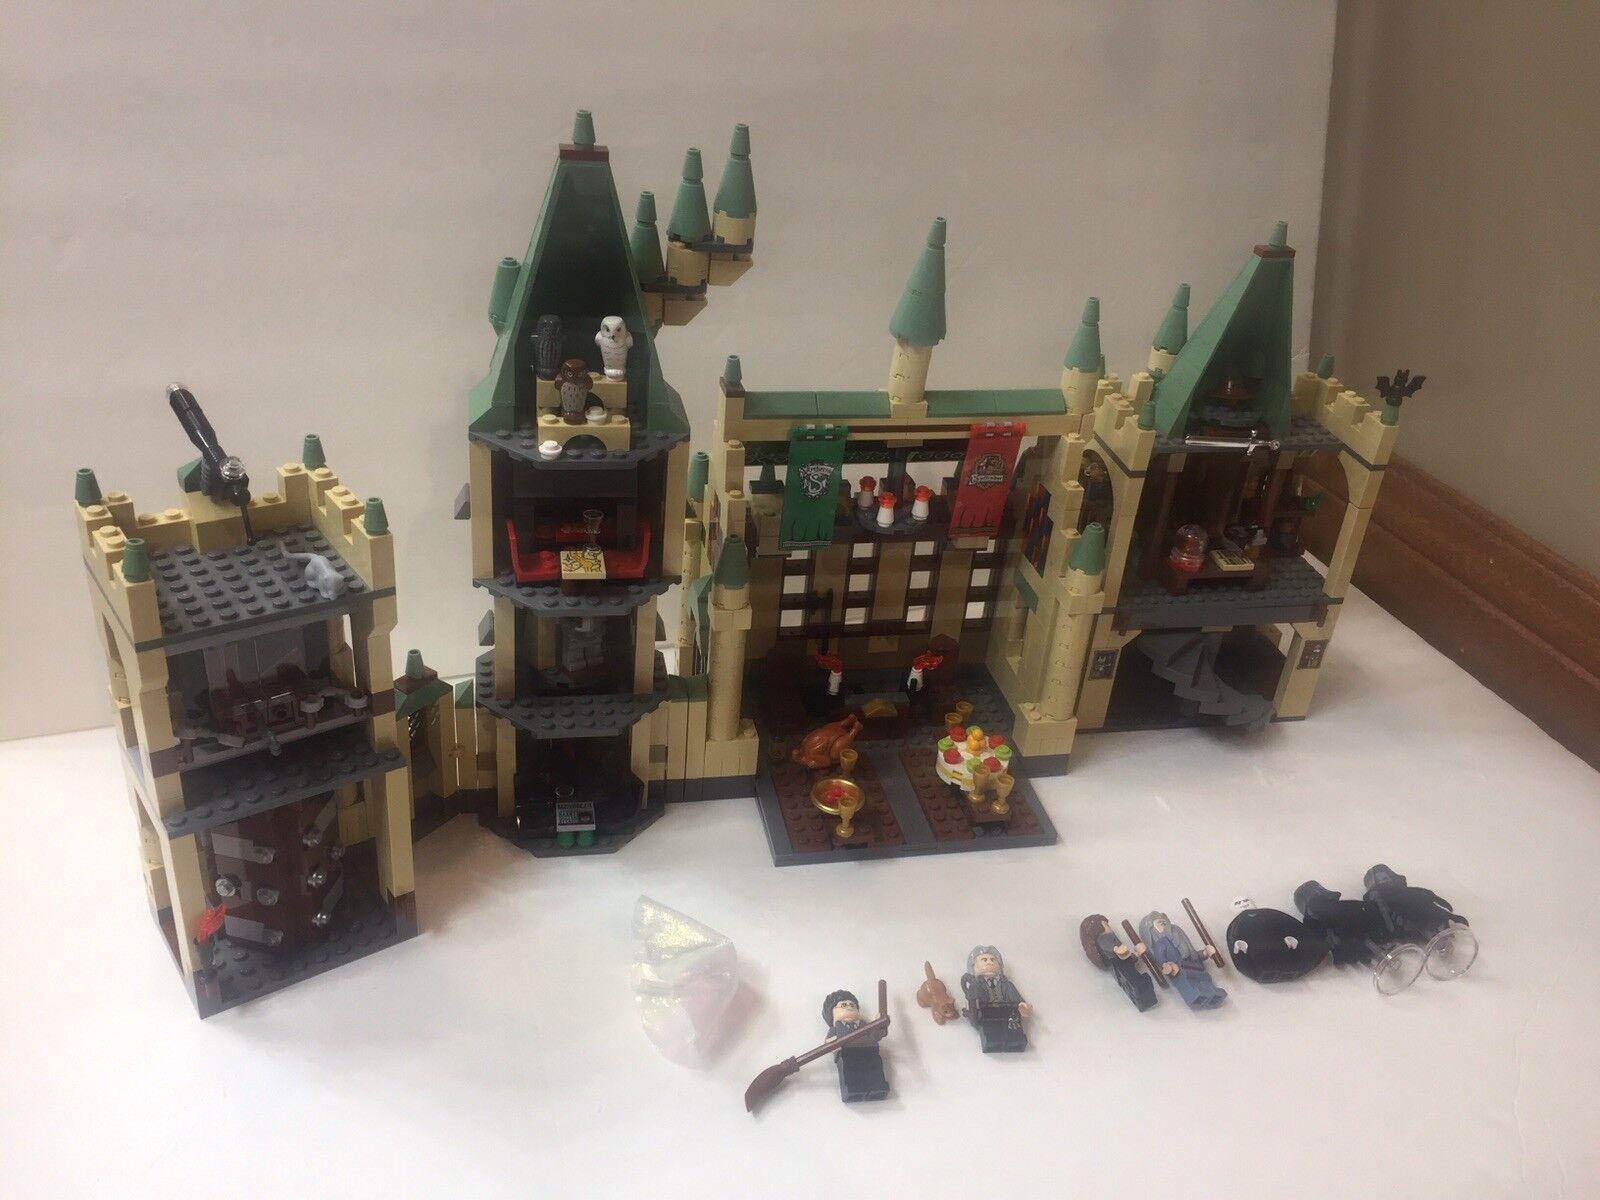 LEGO Harry Potter   Hogwarts Castle (4842) 99% completare  forniamo il meglio